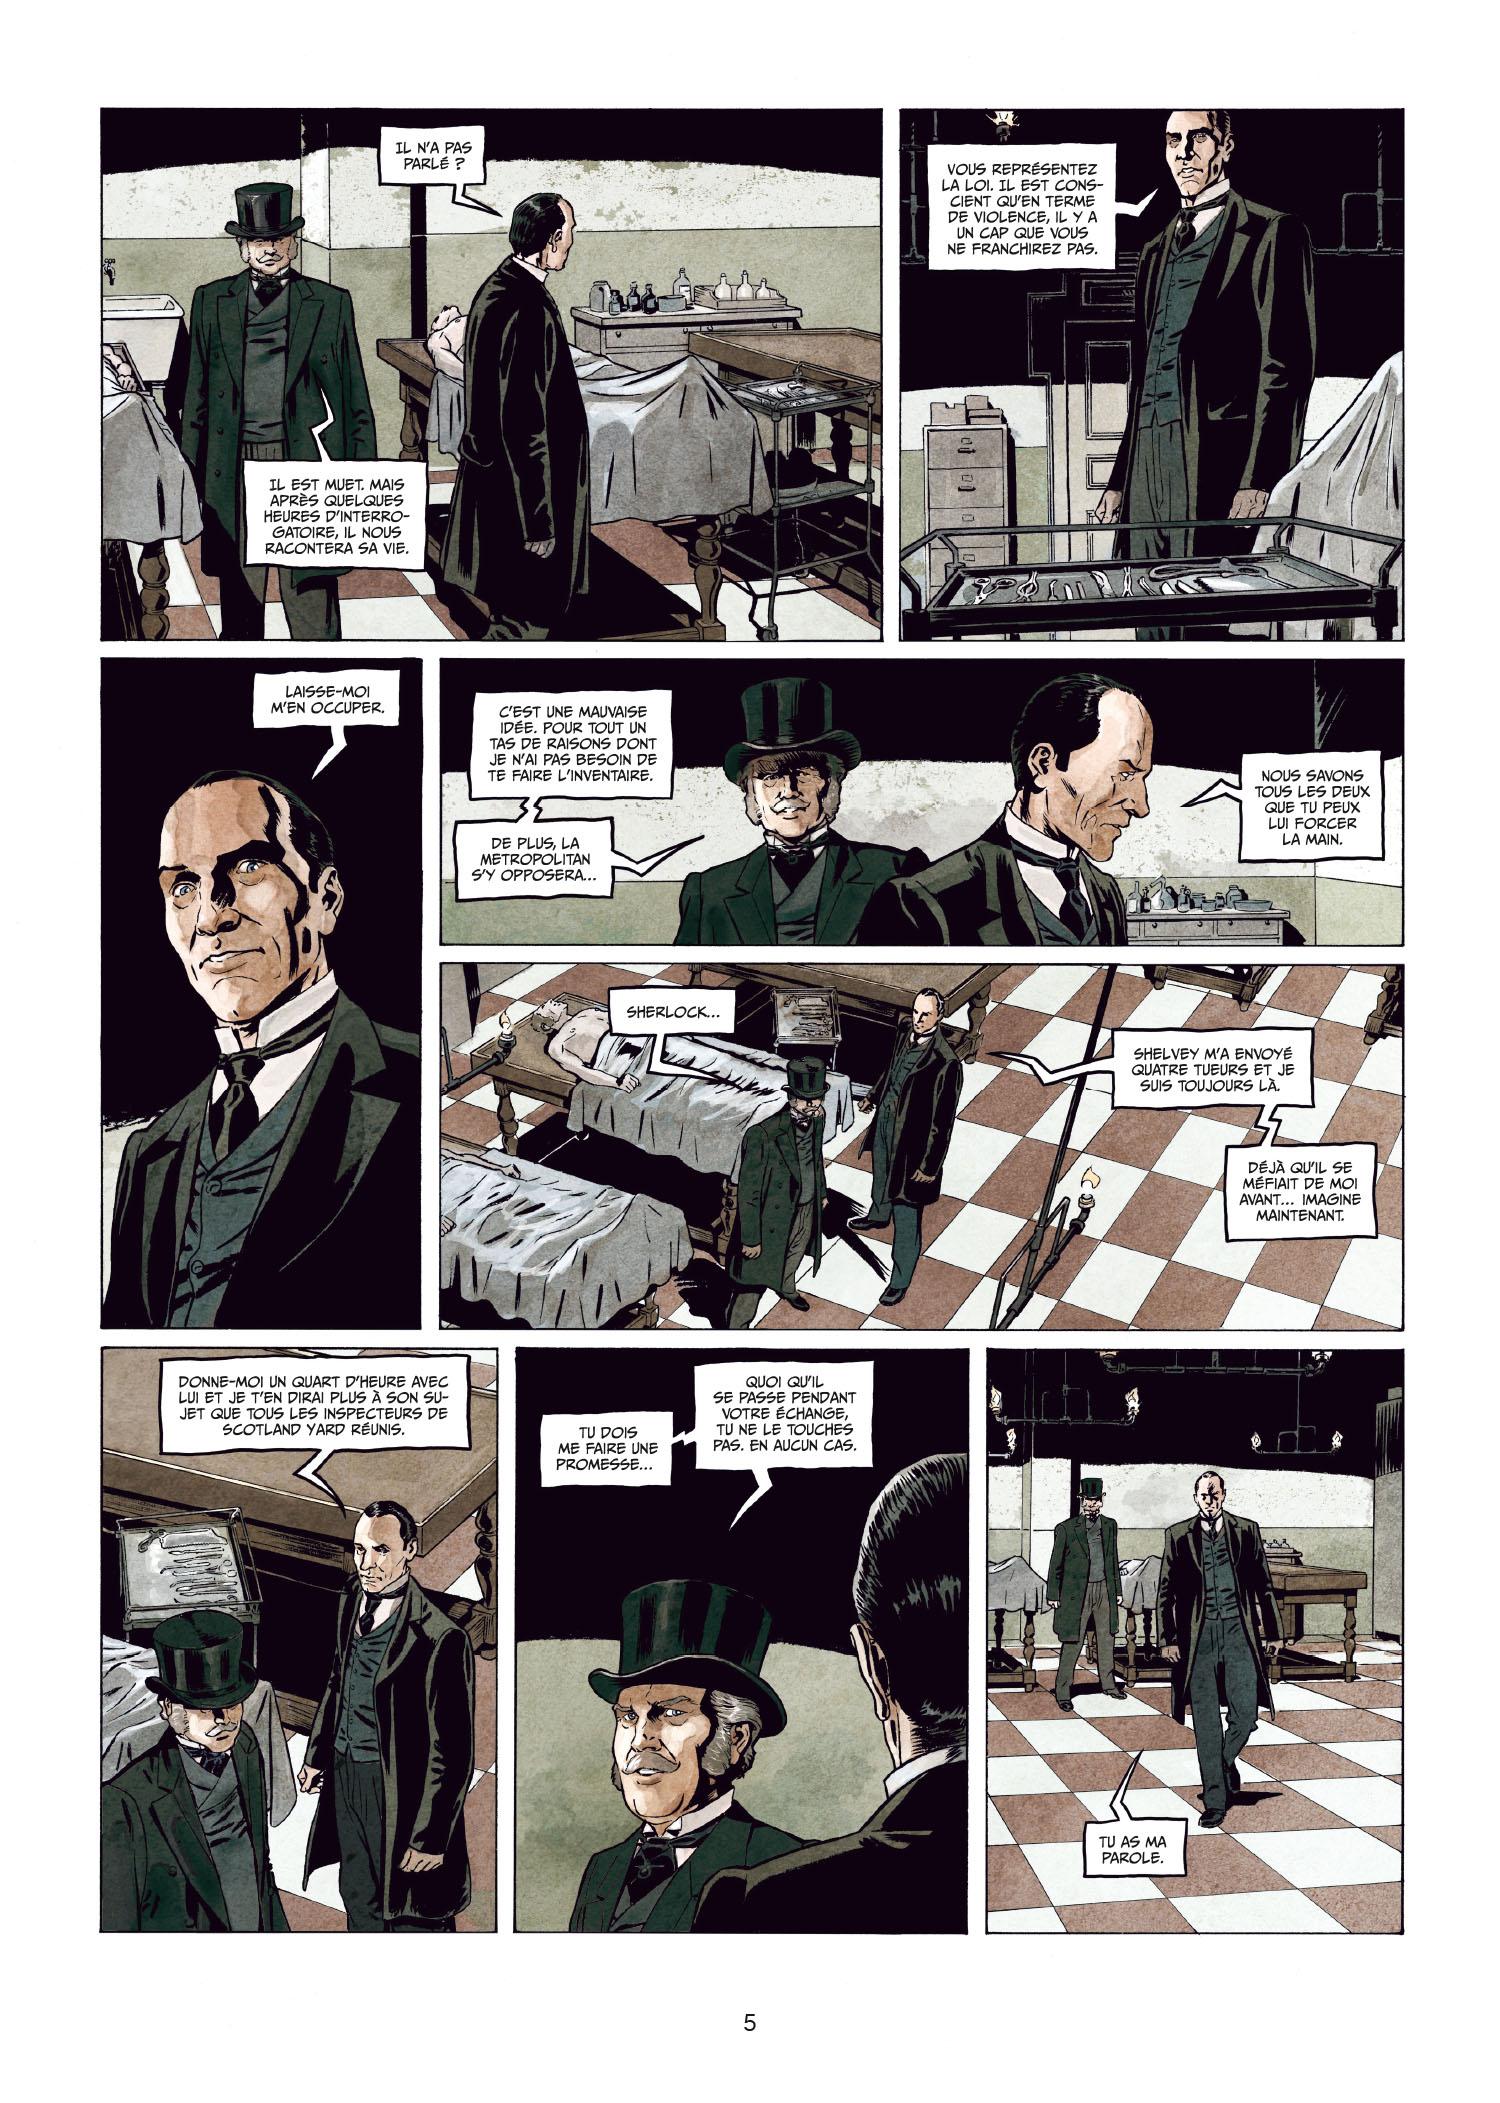 SherlockSociety T3.indd